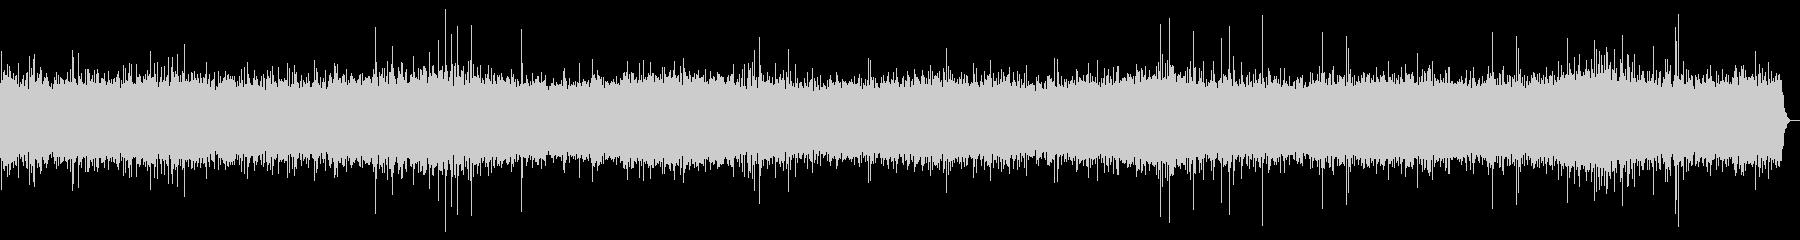 河川敷の音(川の音、少し強め)の未再生の波形